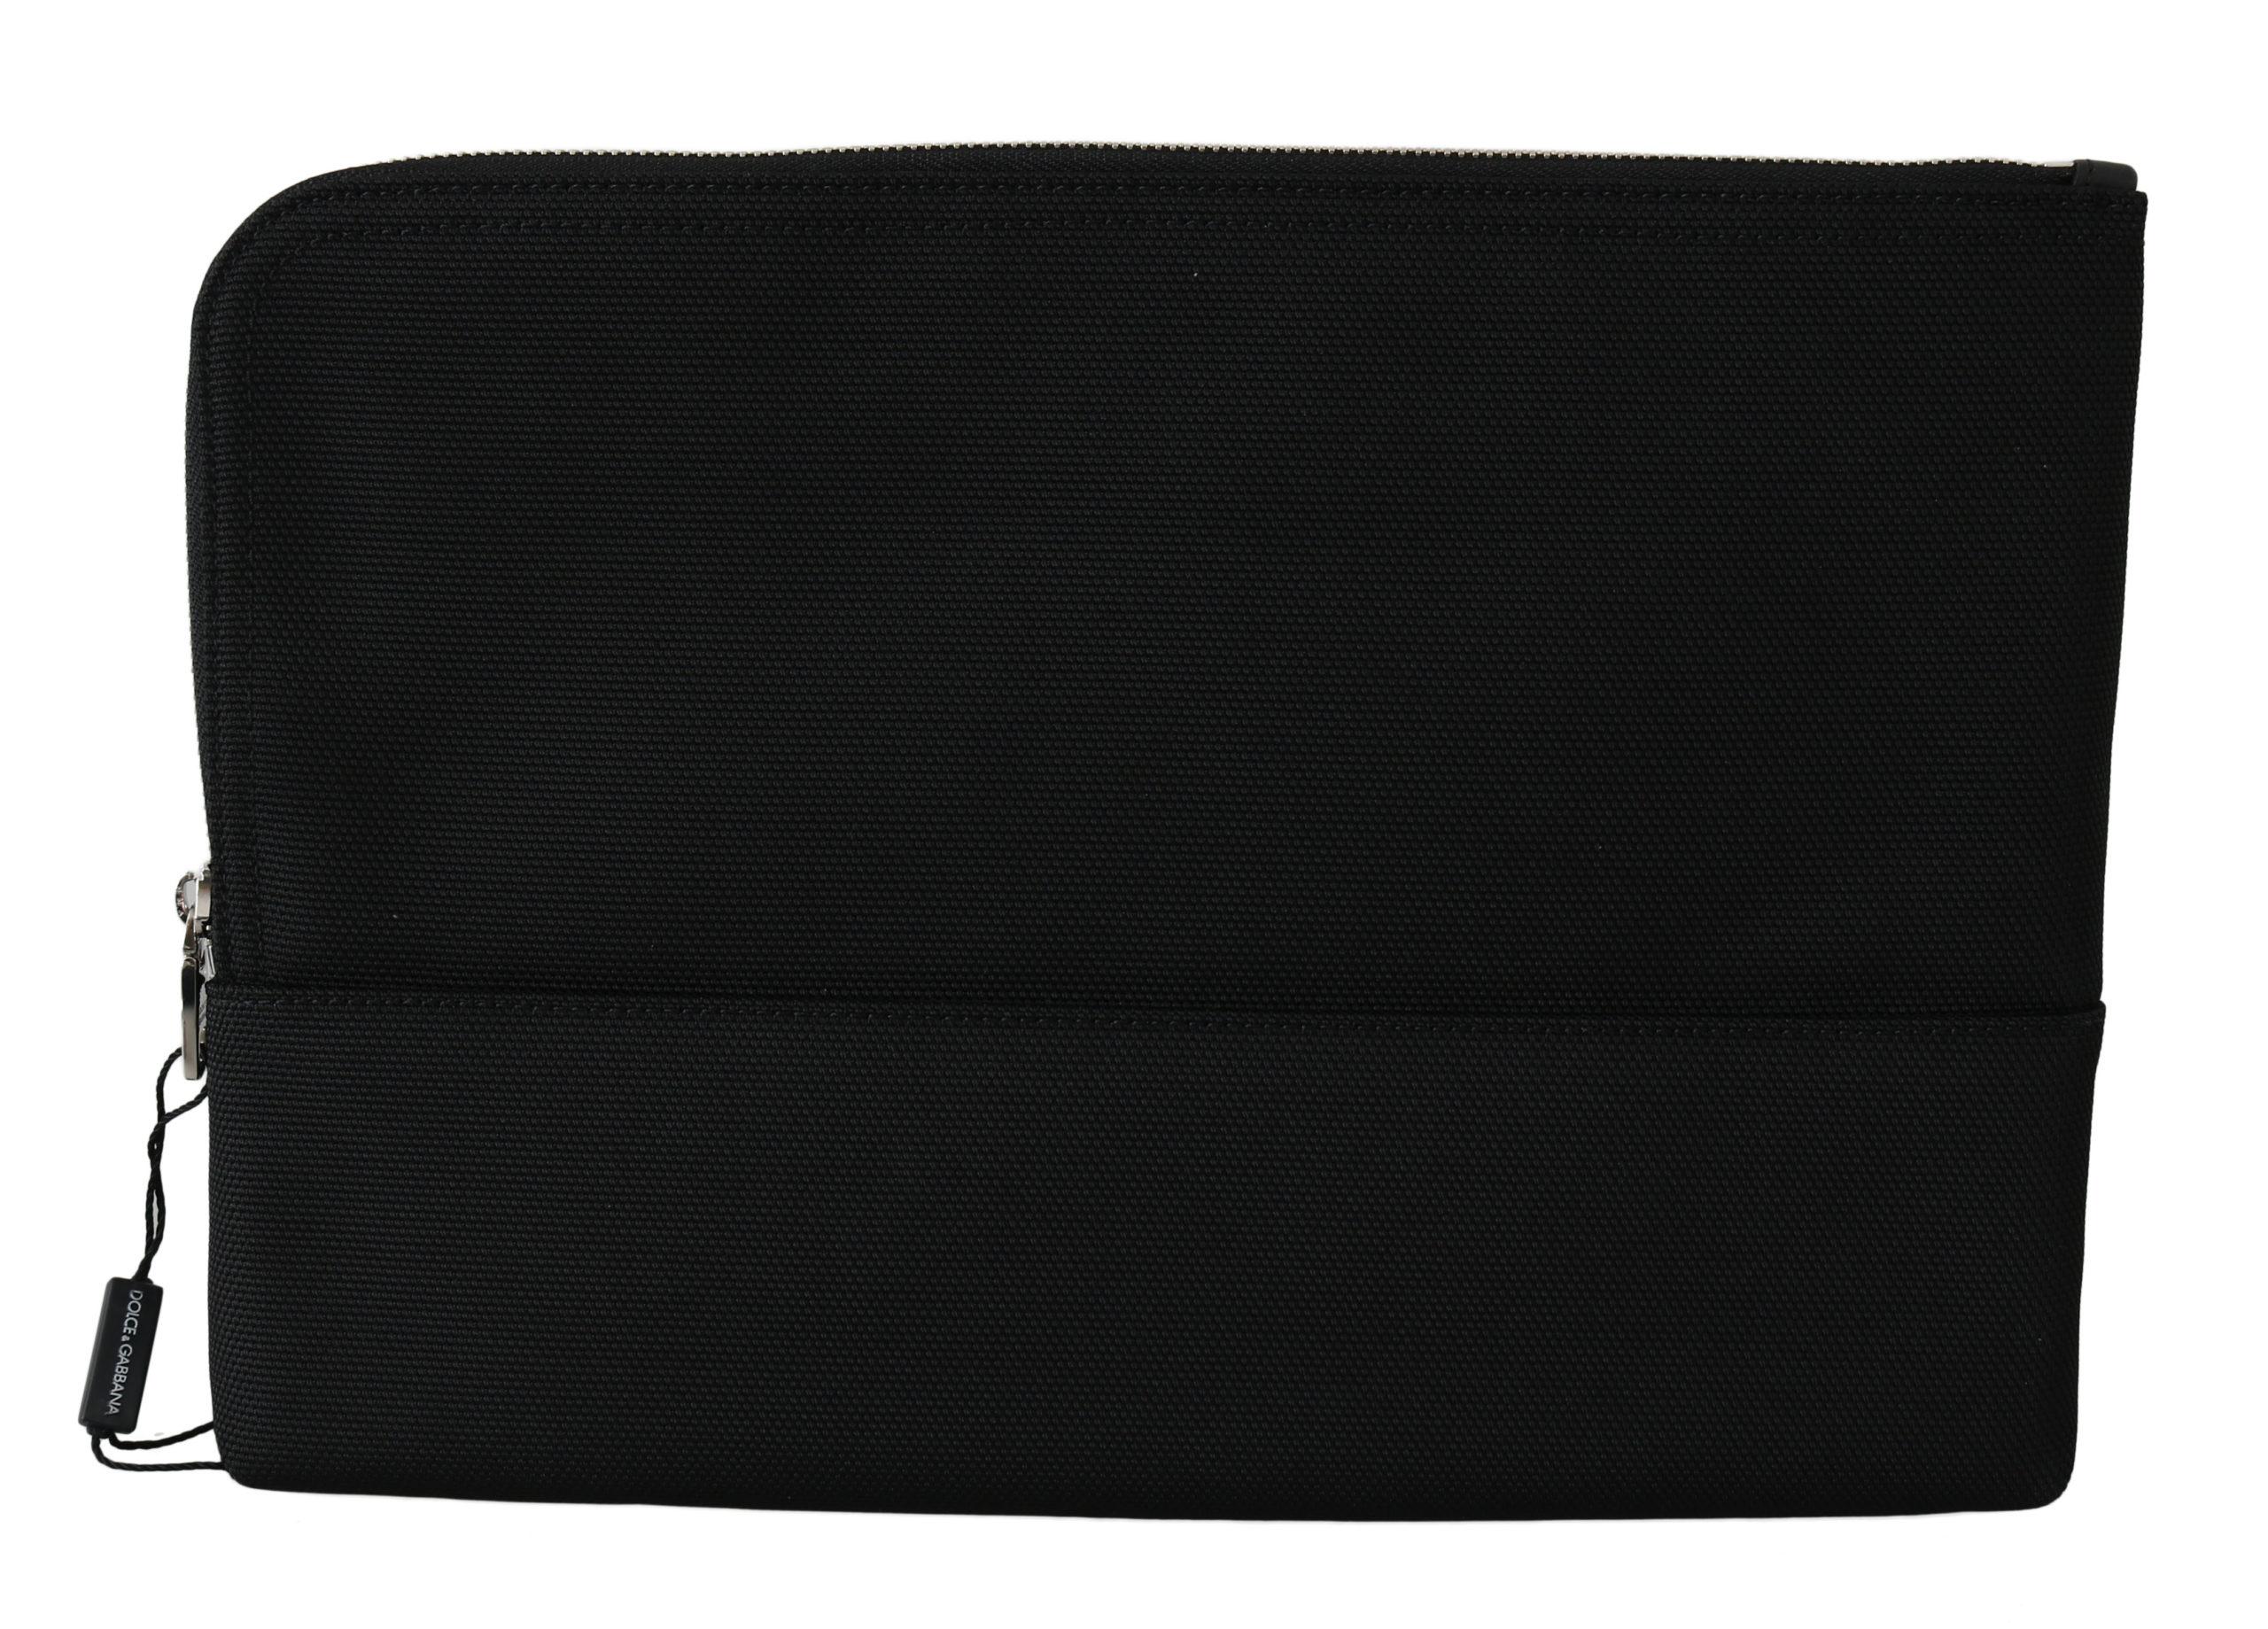 Dolce & Gabbana Men's Zipper Logo Clutch Hand Pouch Messenger Bag Black VA8552